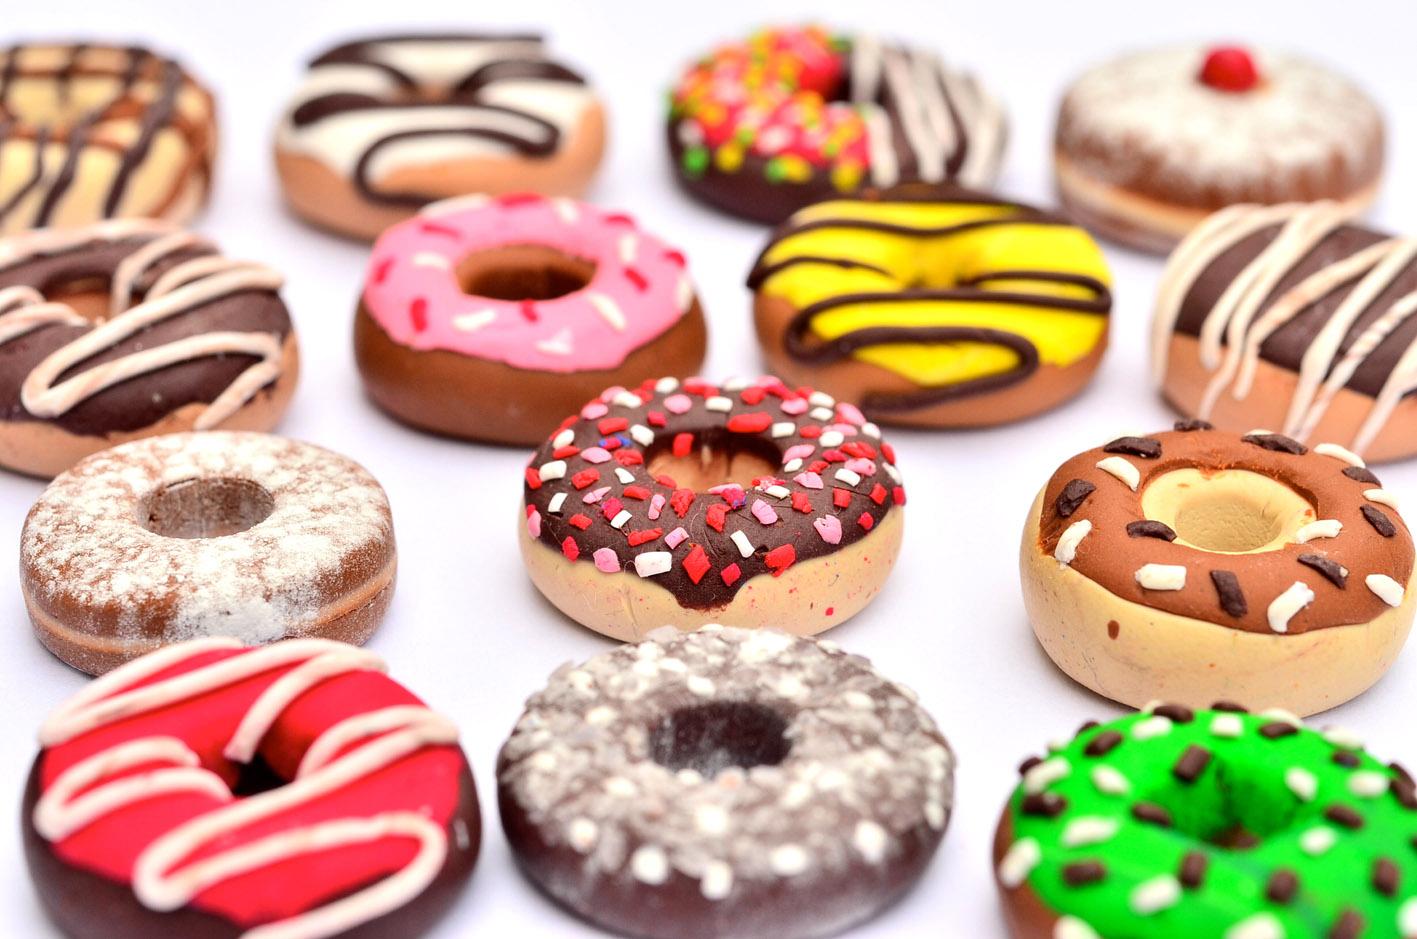 Mỗi chiếc bánh của Dunkin' Donuts mang một hương vị, một nét đặc trưng riêng